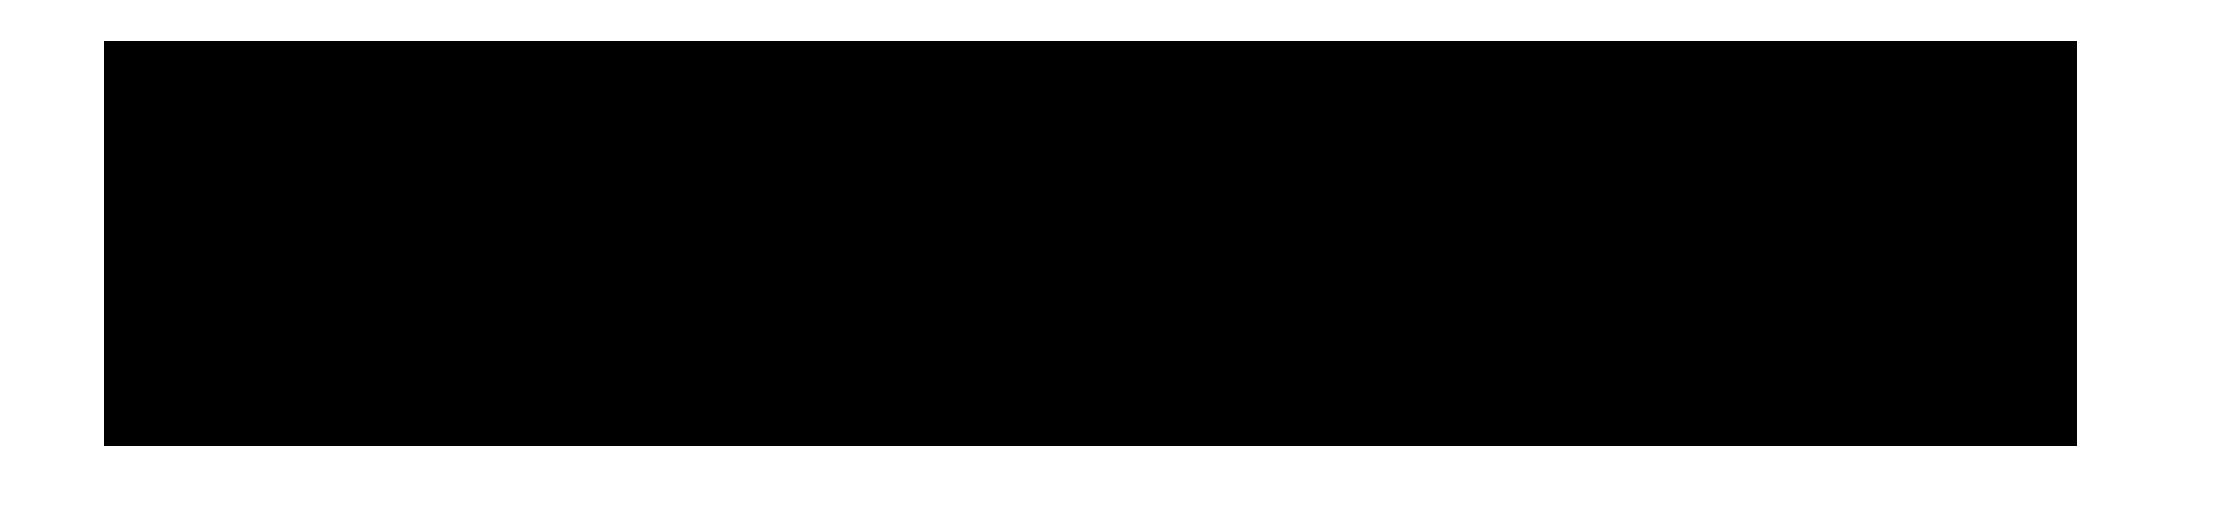 naked-retreat-logo BLACK.png